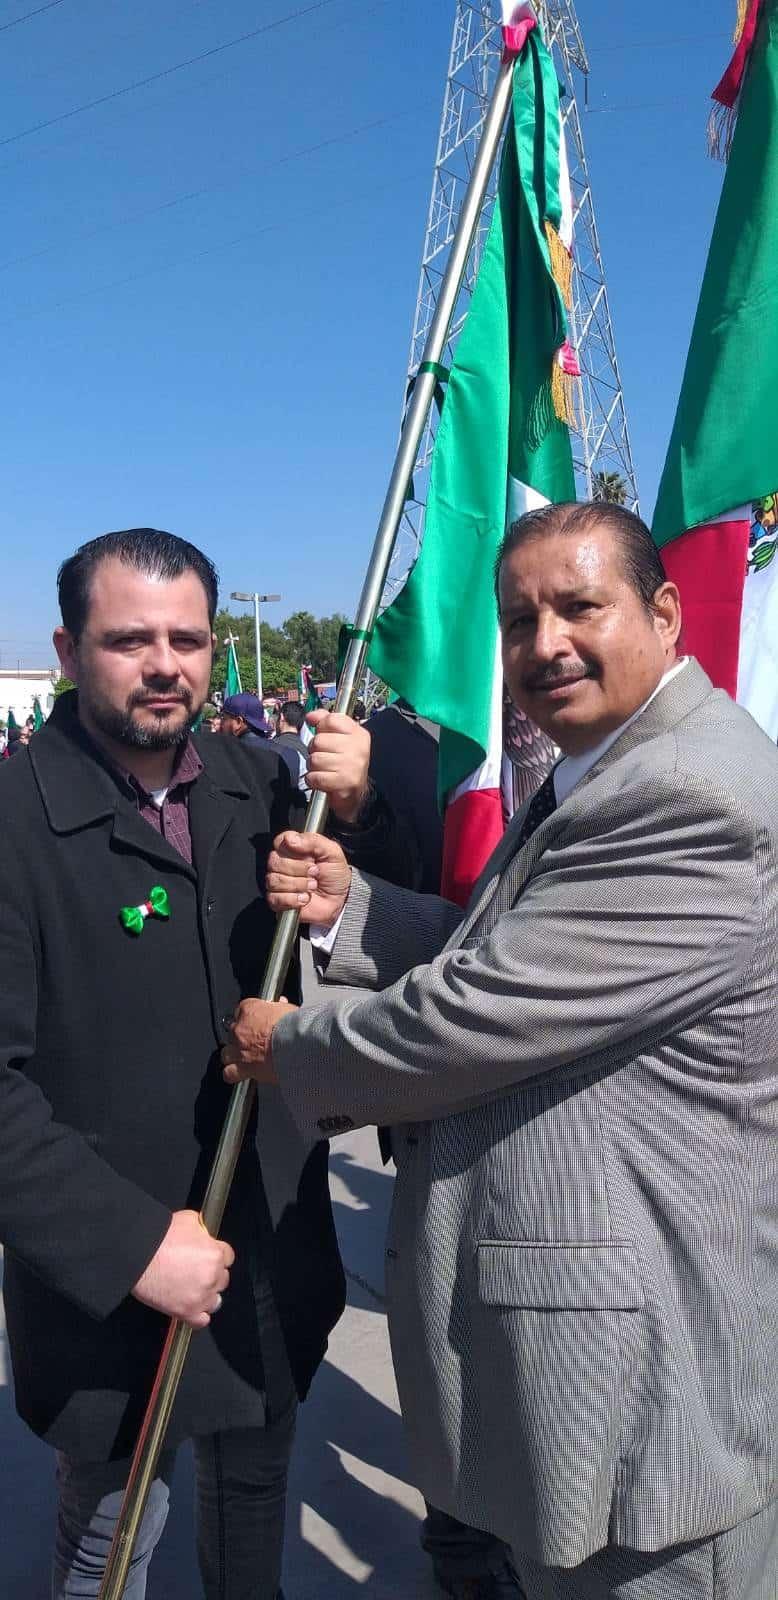 Desfile conmemorativo y e histórica incineración de bandera